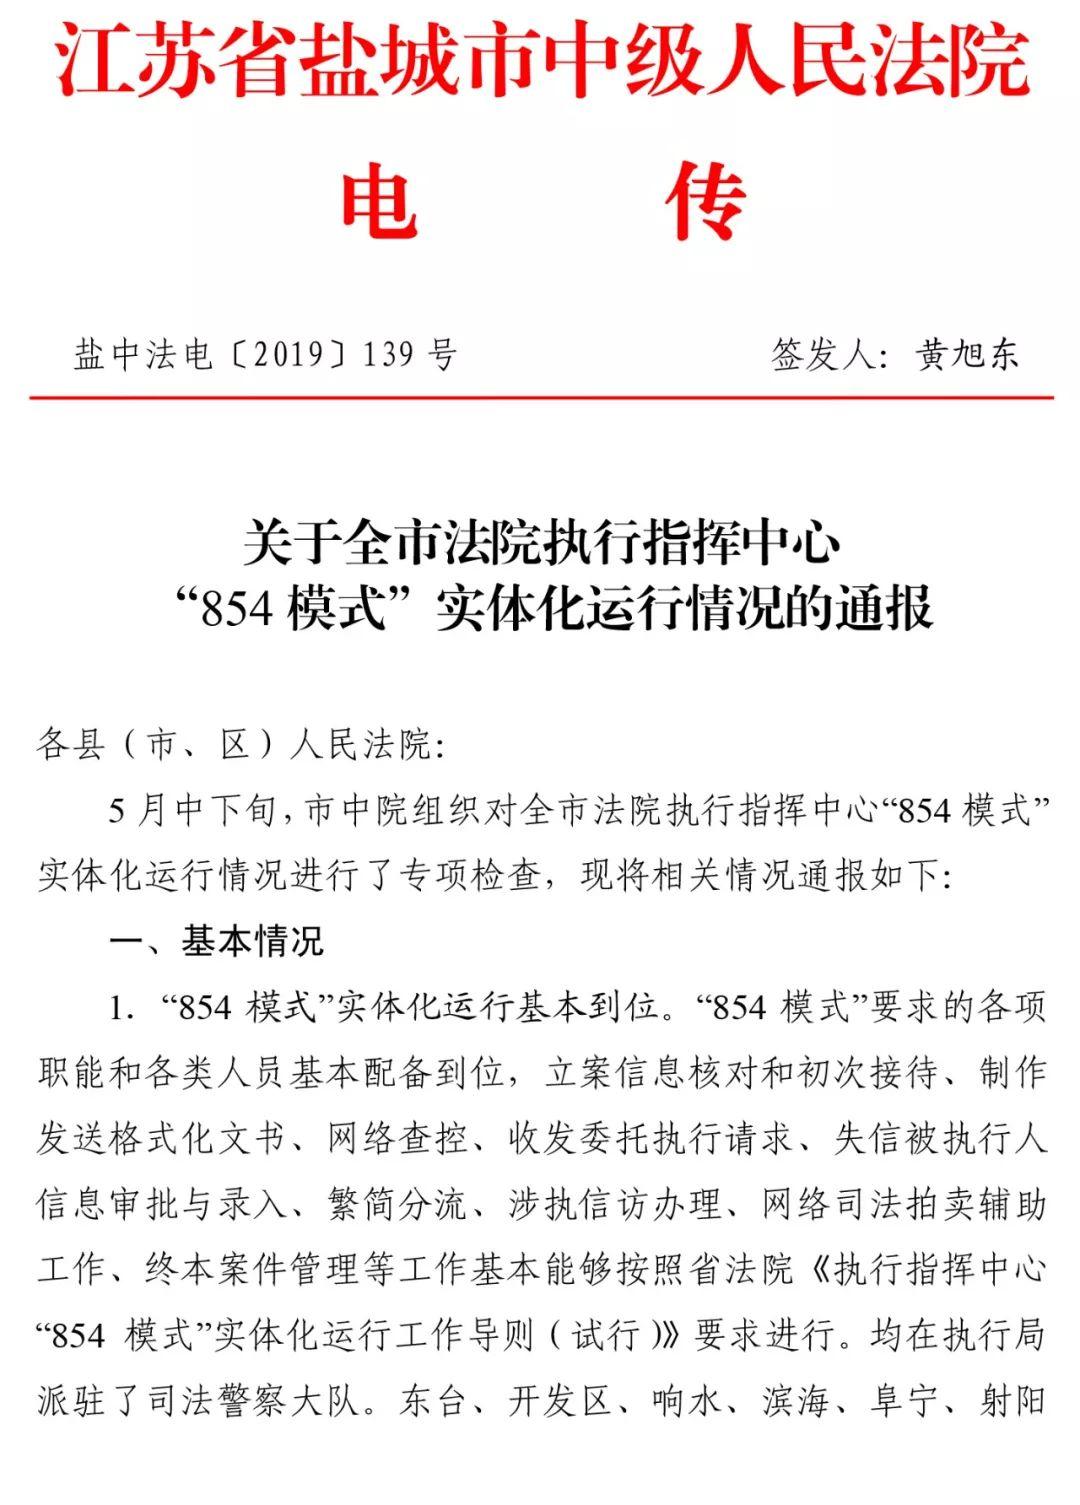 沈阳市中级人民法院关于执行公开的实施... -找法网(findlaw.cn)